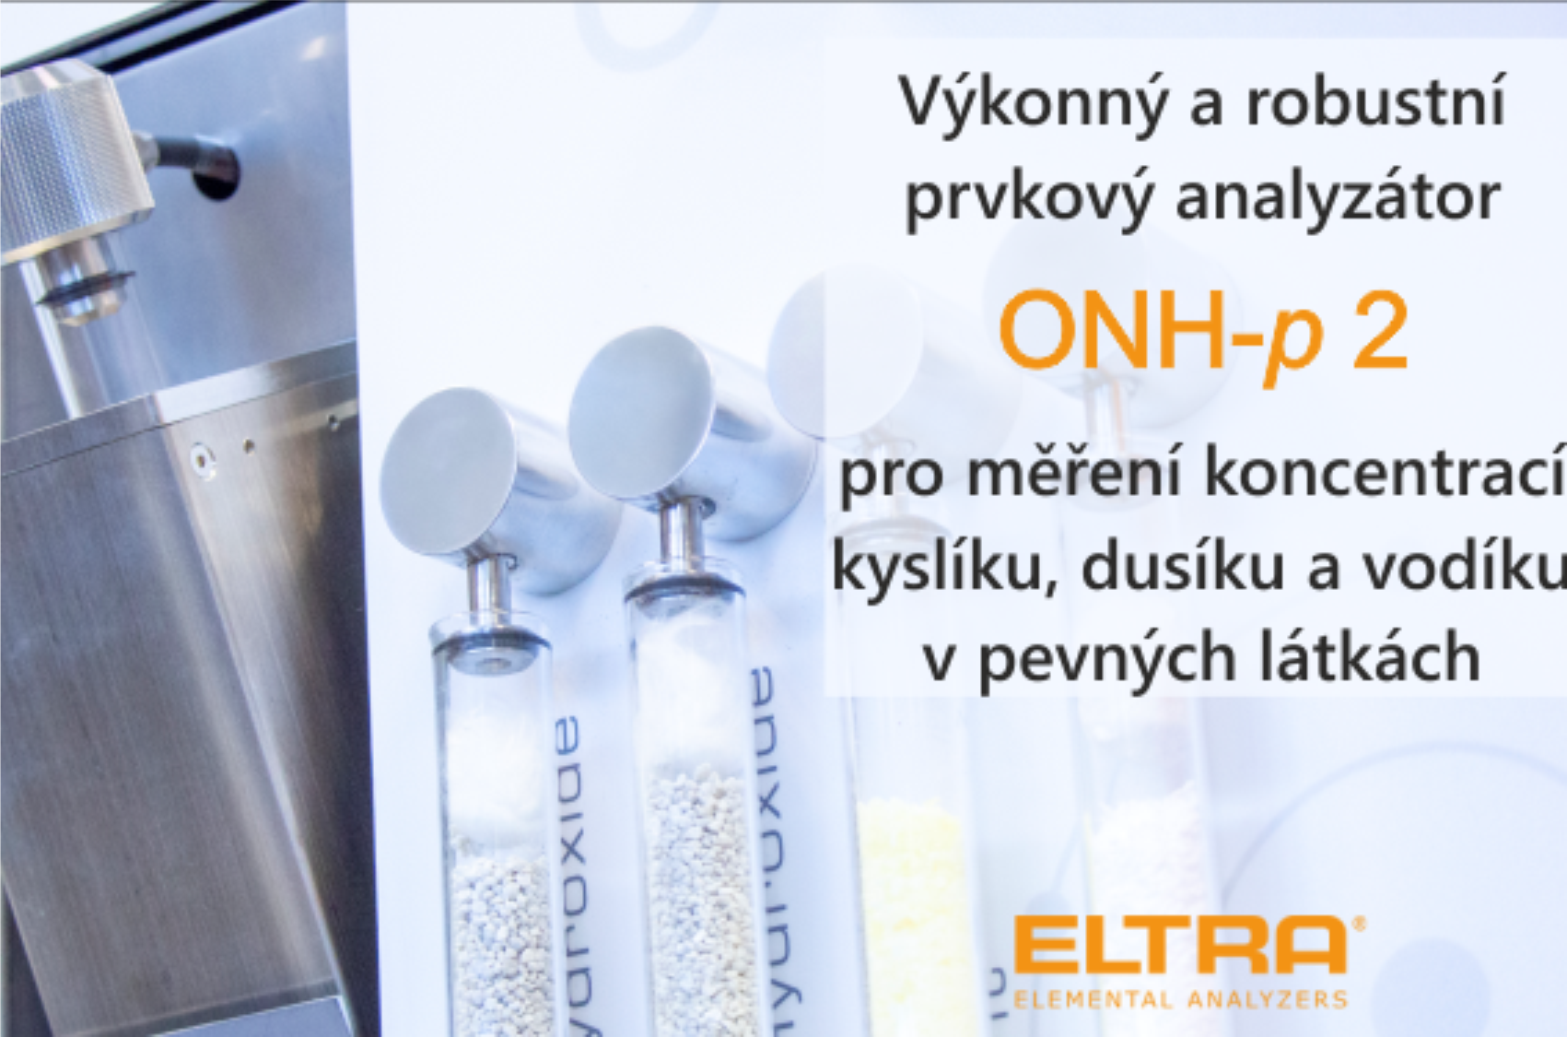 Objevte skvělé inovativní funkce nového prvkového analyzátoru ELEMENTRAC ONH-p 2